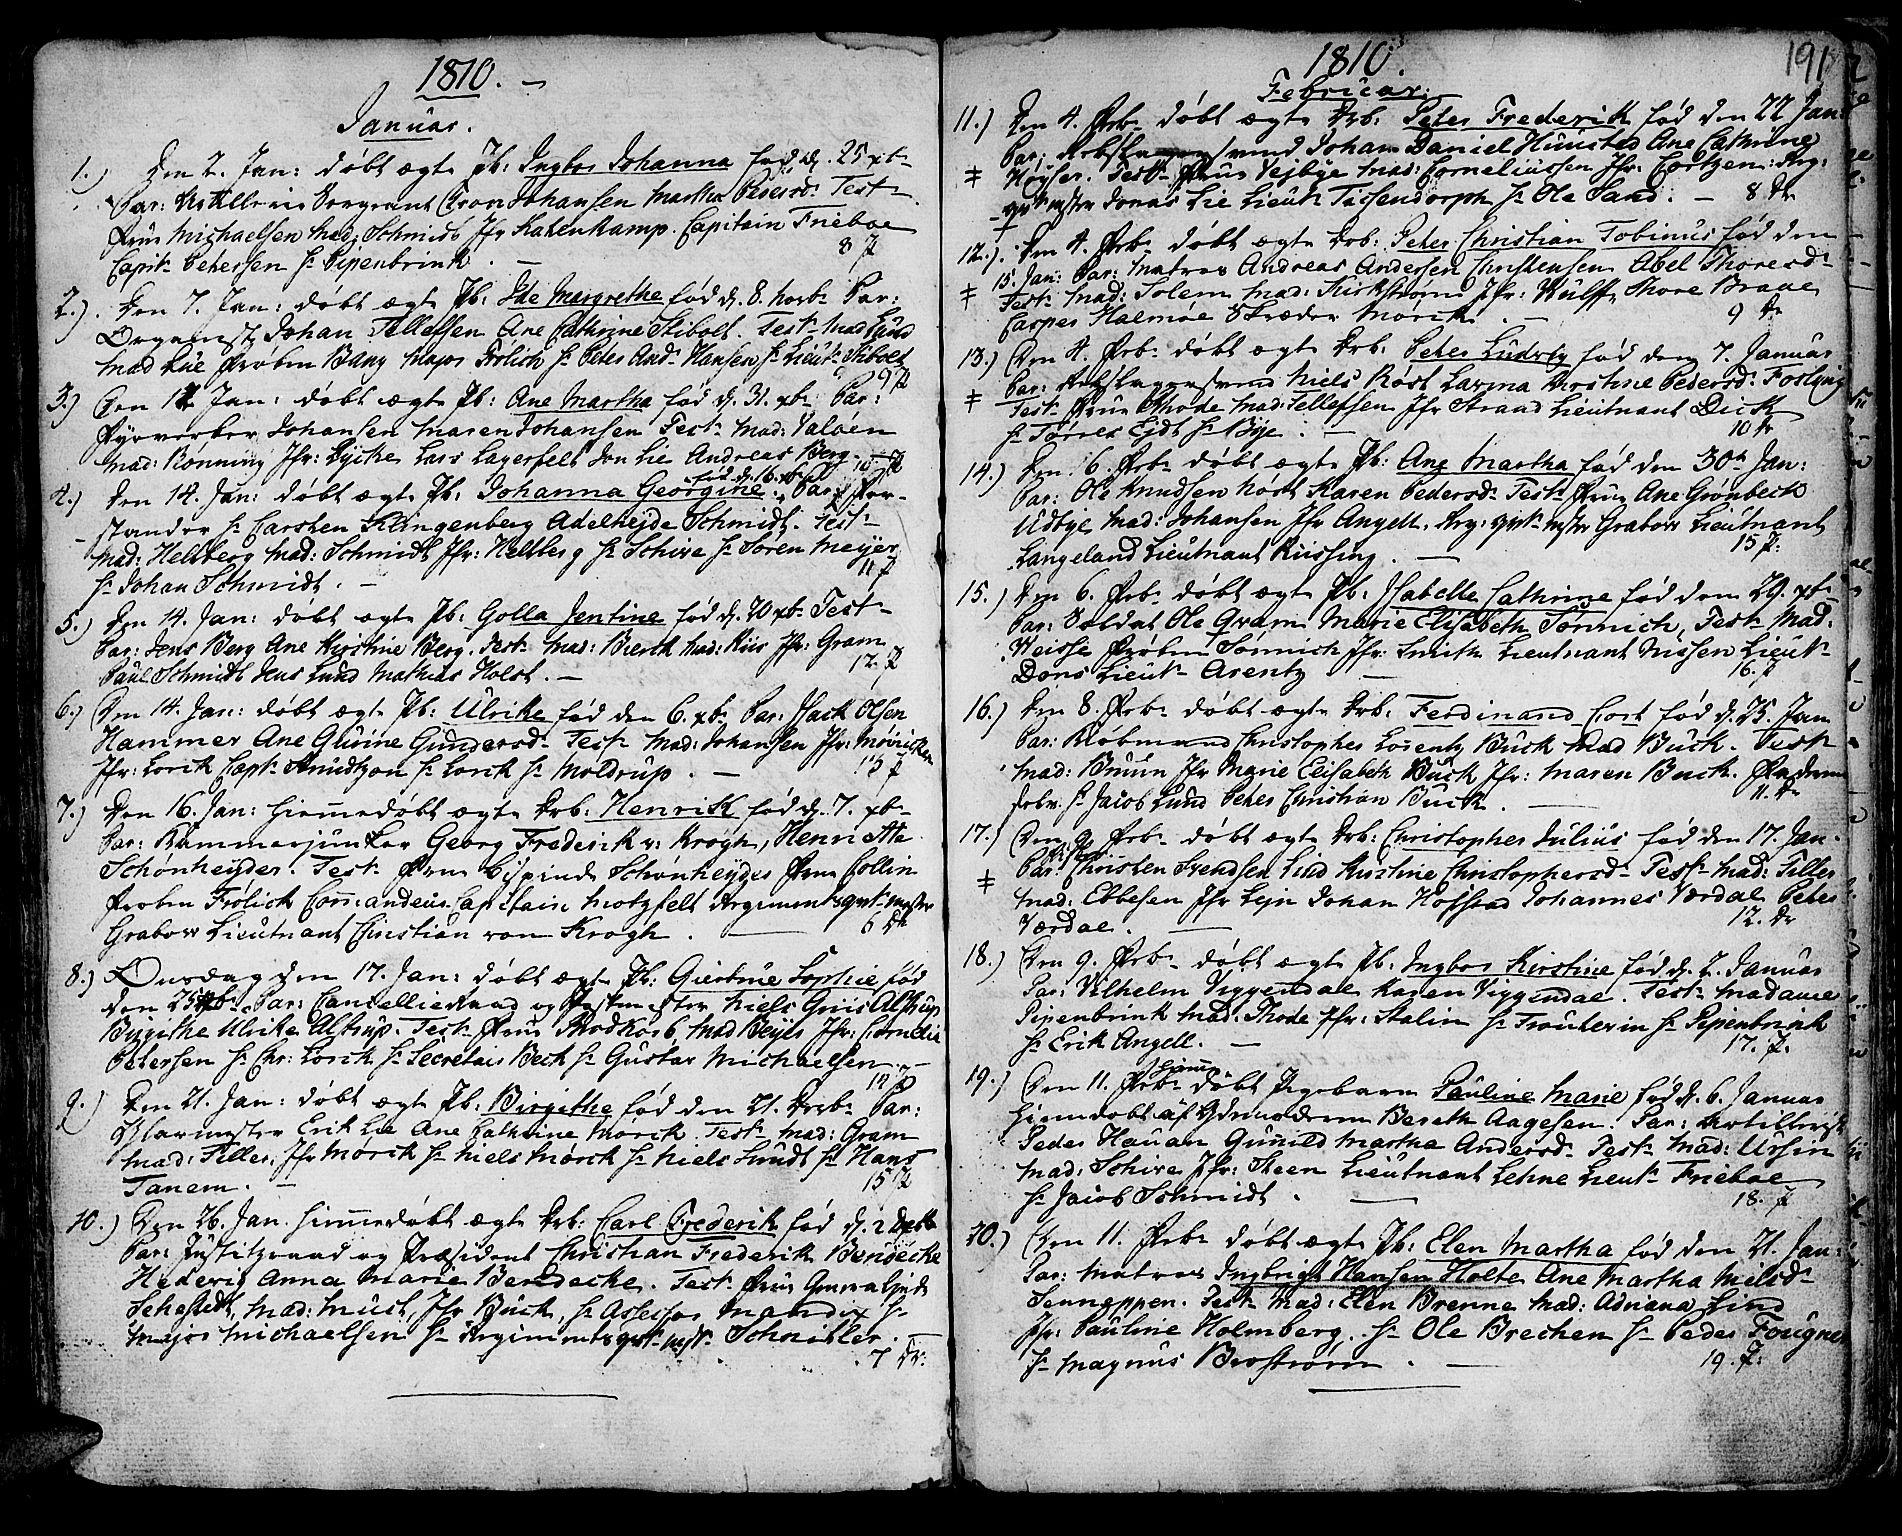 SAT, Ministerialprotokoller, klokkerbøker og fødselsregistre - Sør-Trøndelag, 601/L0039: Ministerialbok nr. 601A07, 1770-1819, s. 191